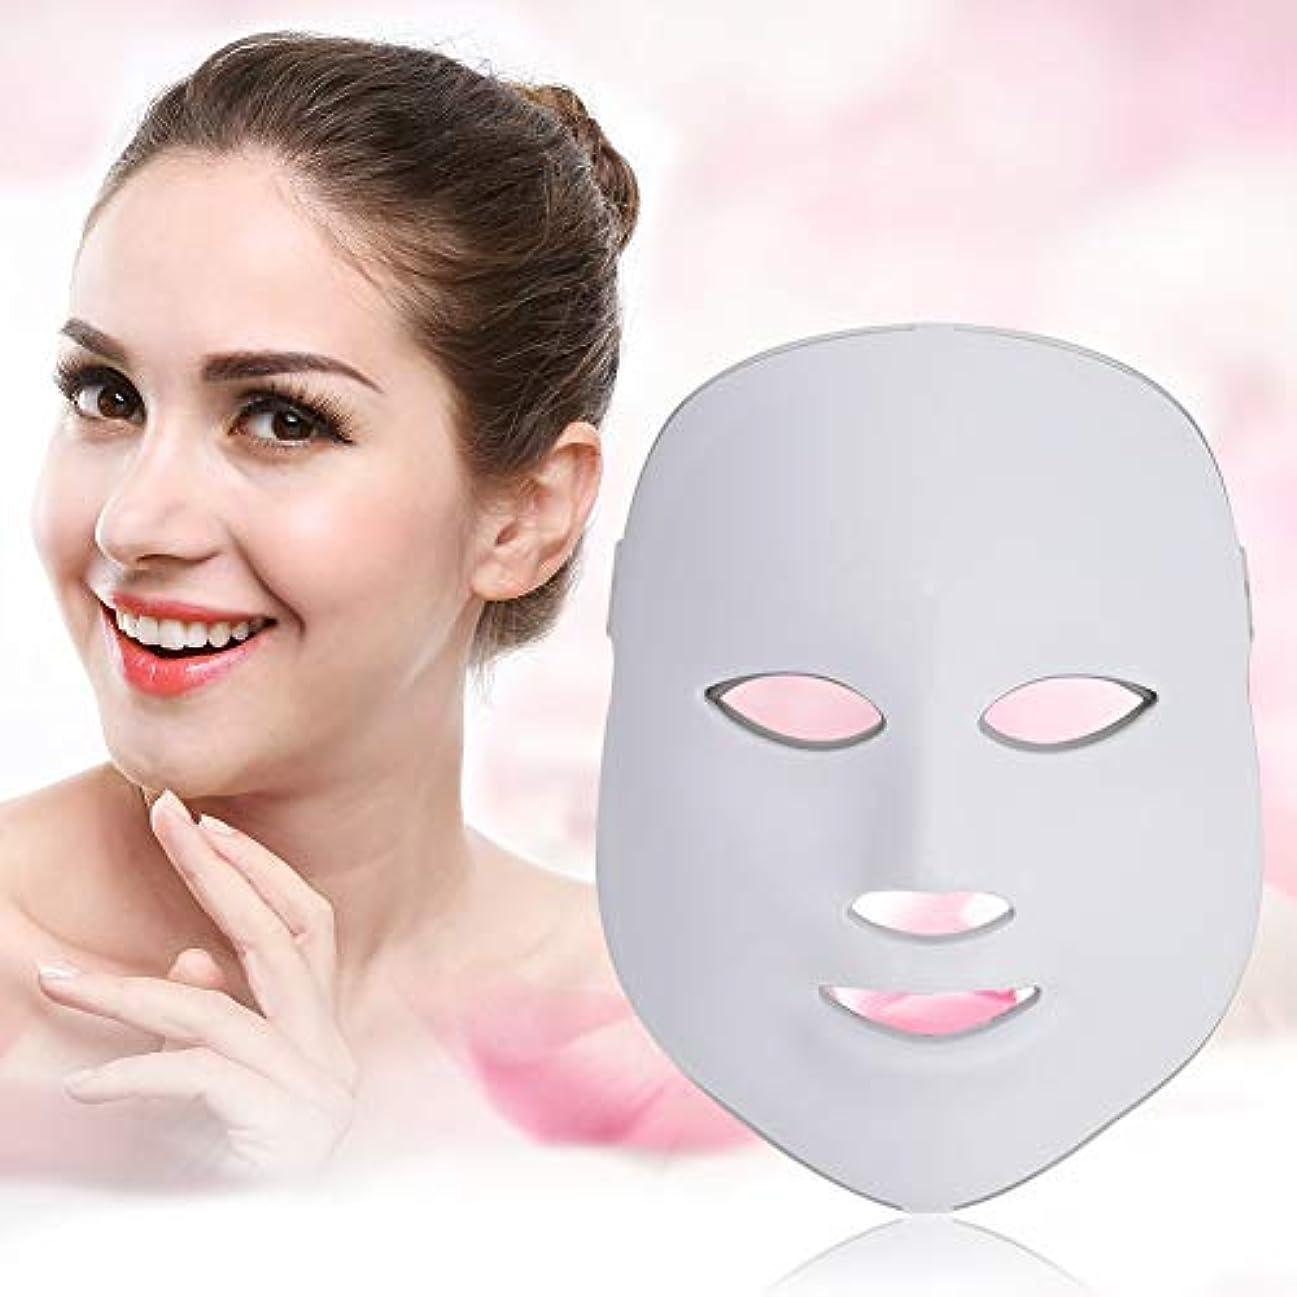 寄り添うフィード叫び声7色Ledフェイスマスク-顔&首光肌若返りスキンケアマスク、しわを改善、引き締め、滑らかな肌(米国のプラグ)